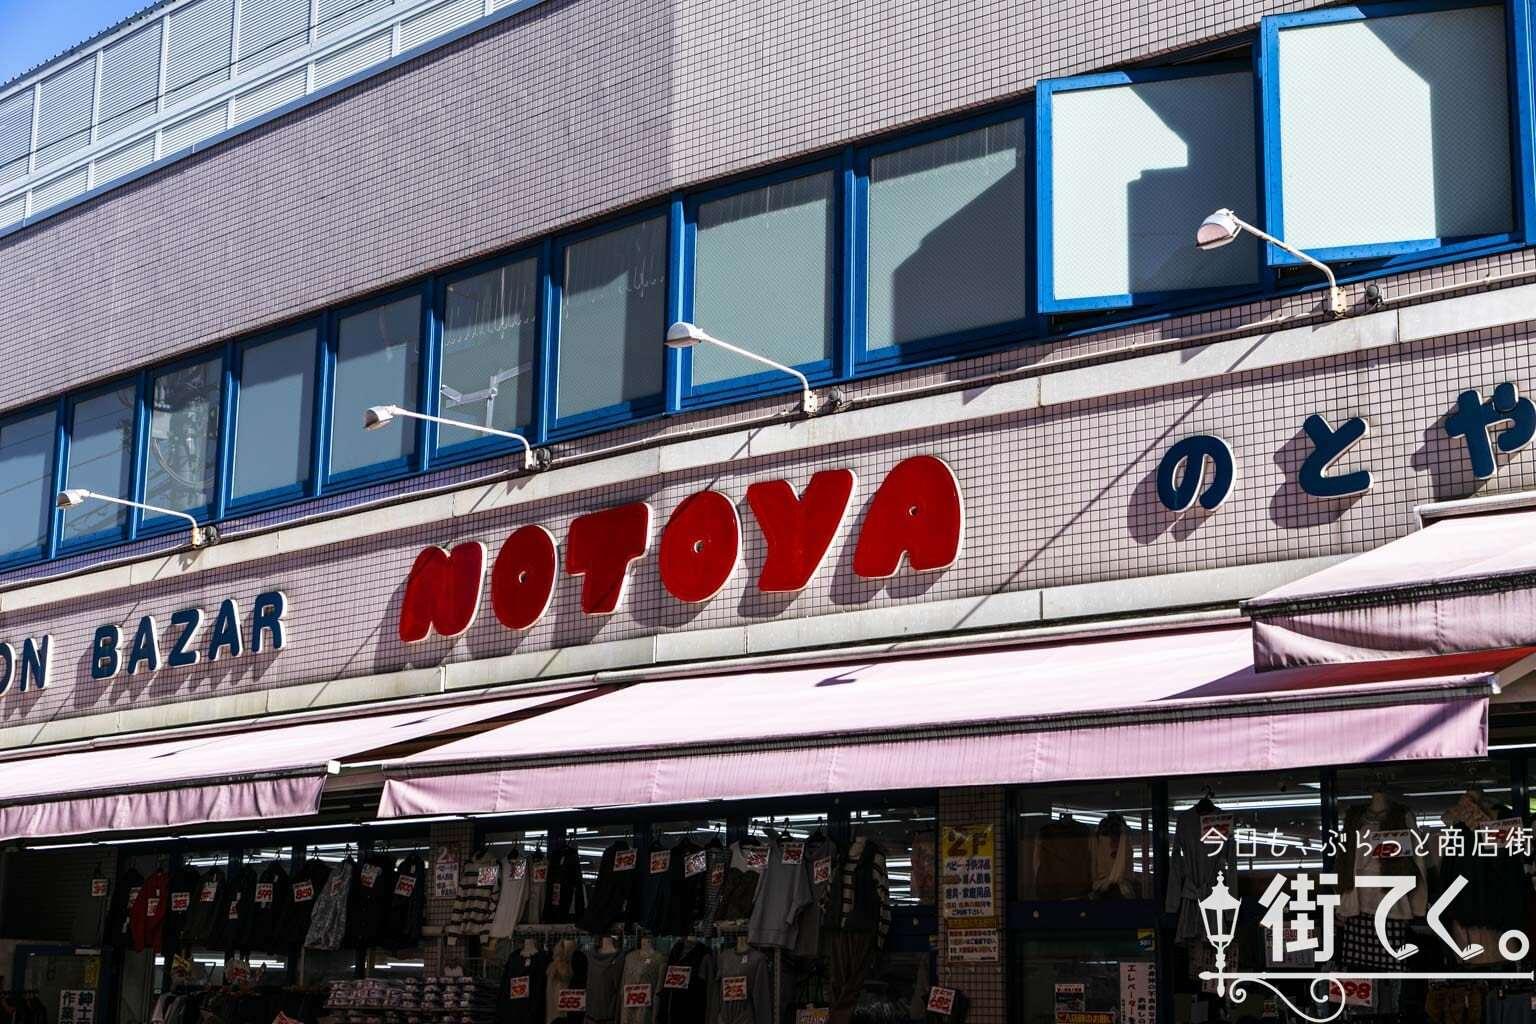 NOTOYA ファッションバザールのとや赤塚本店